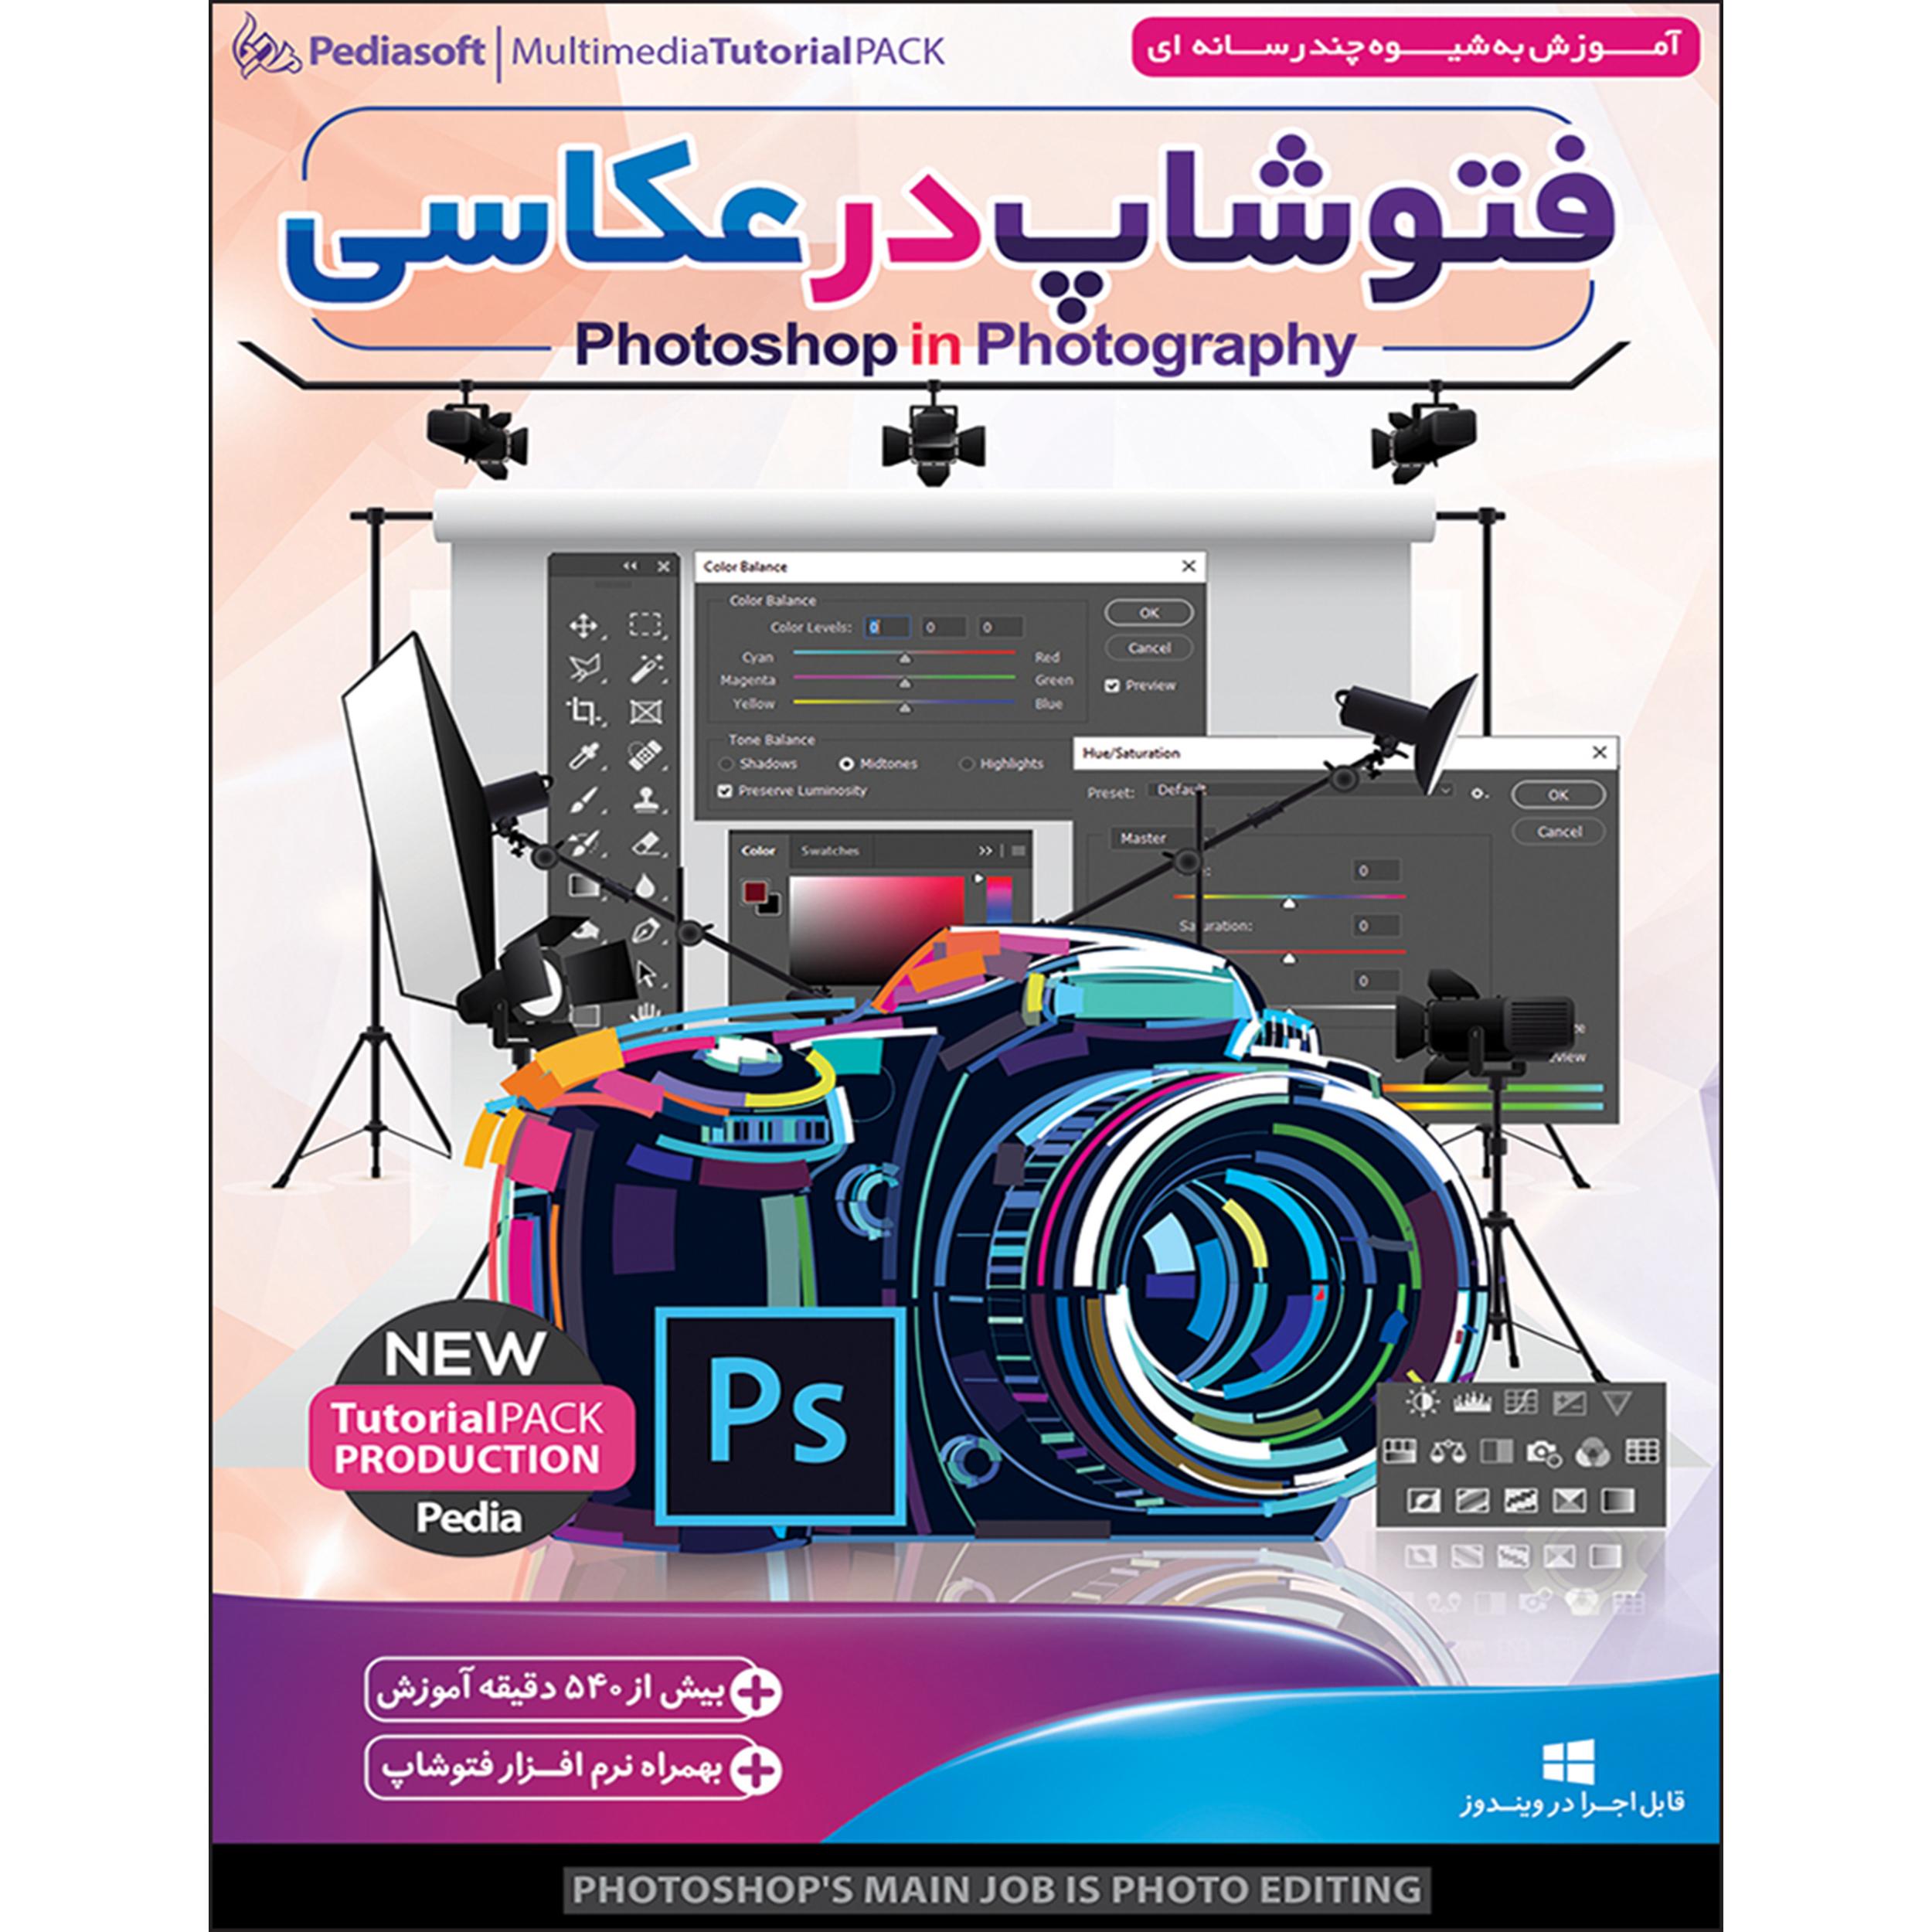 نرم افزار آموزش فتوشاپ در عکاسی نشر پدیا سافت